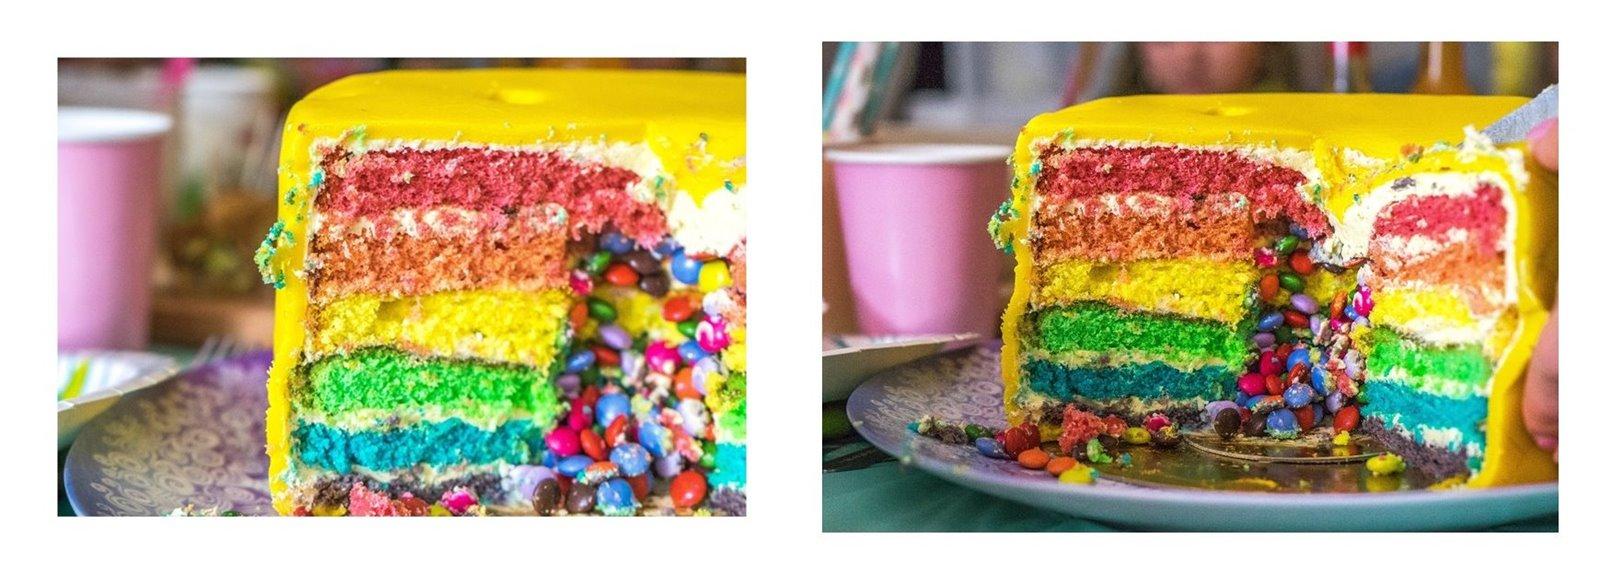 12a twój tort cake pops opinie jak smakuje recenzja czy dobre gdzie zamówić tort online nie dłodkie torty tęczowe wnętrze jak zamówić ile kosztuje cena blog urodziny dekoracje hawajskie